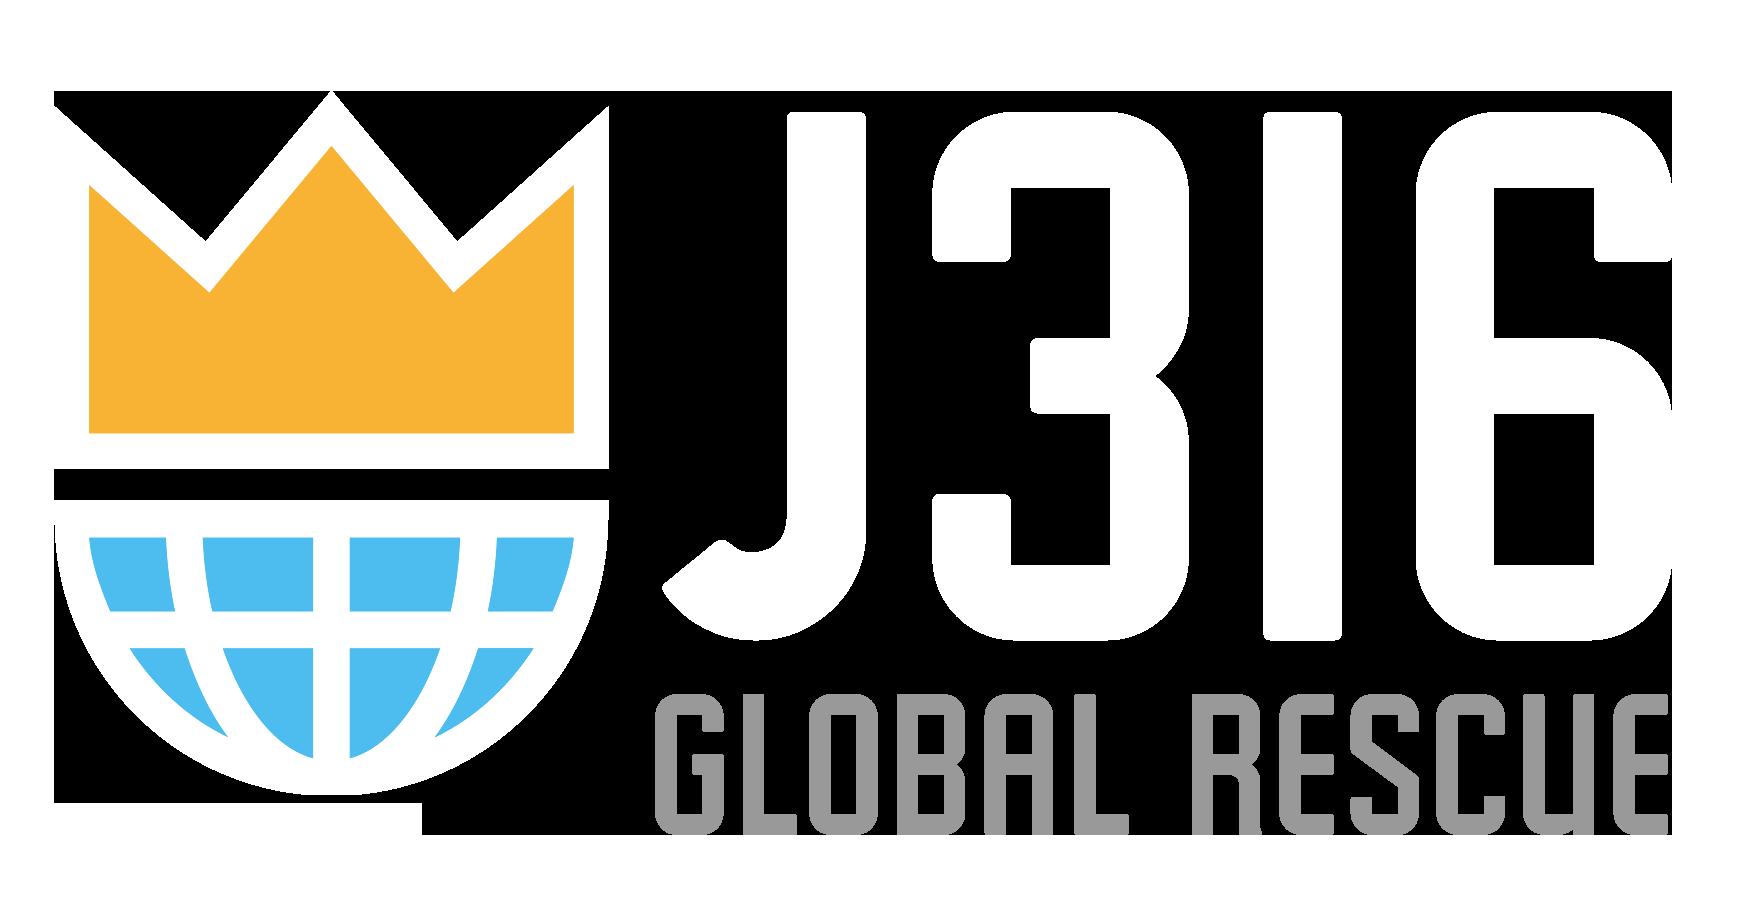 J316 Global Rescue